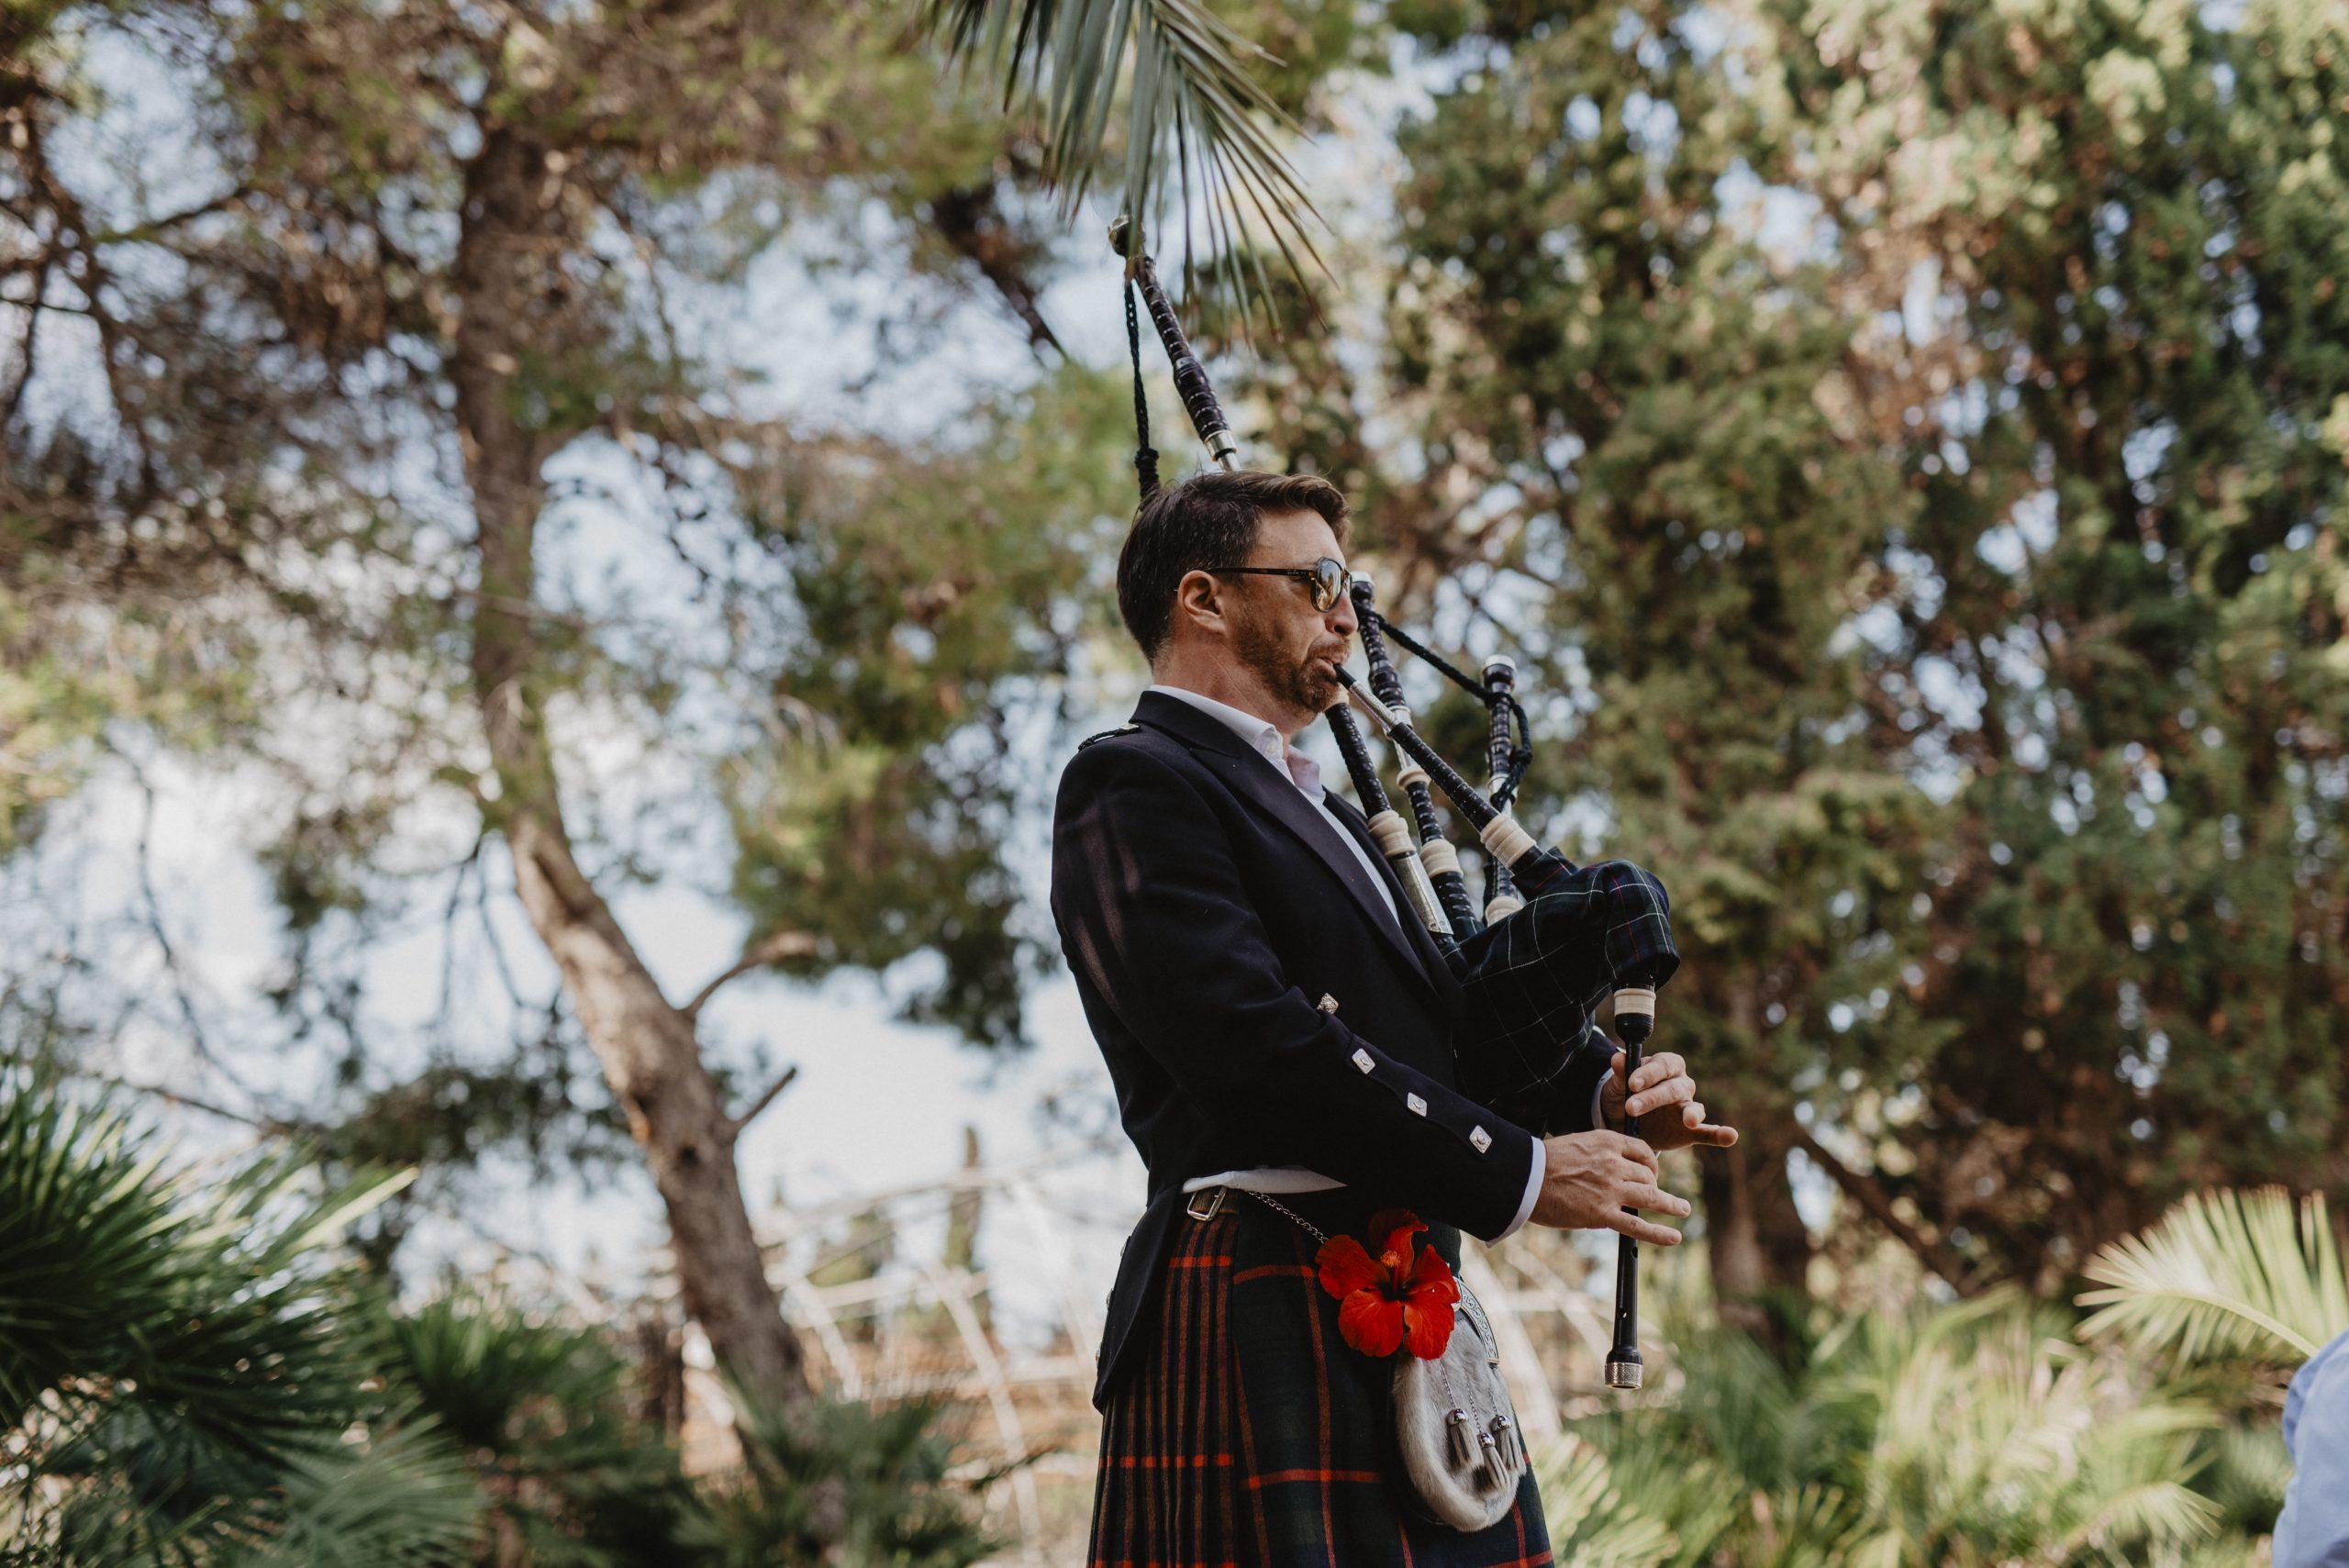 música en vivo para bodas en una finca en Mallorca